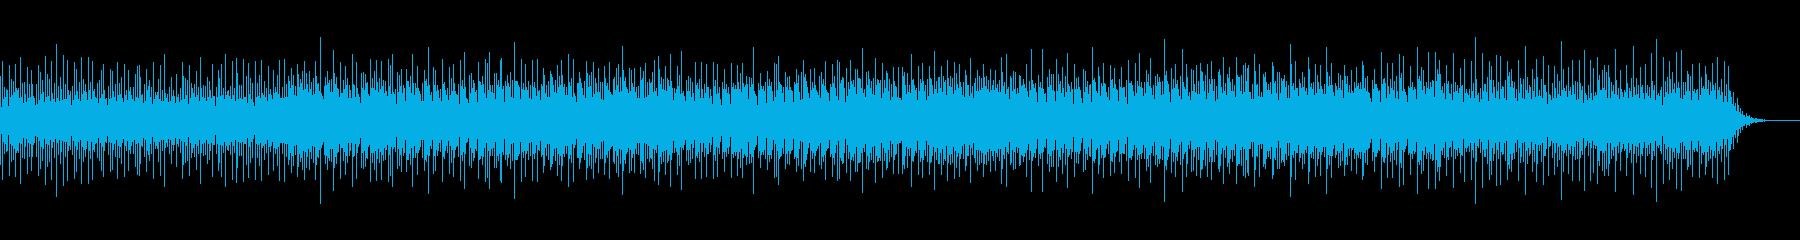 オープニング・テクノポップ・入場・疾走感の再生済みの波形